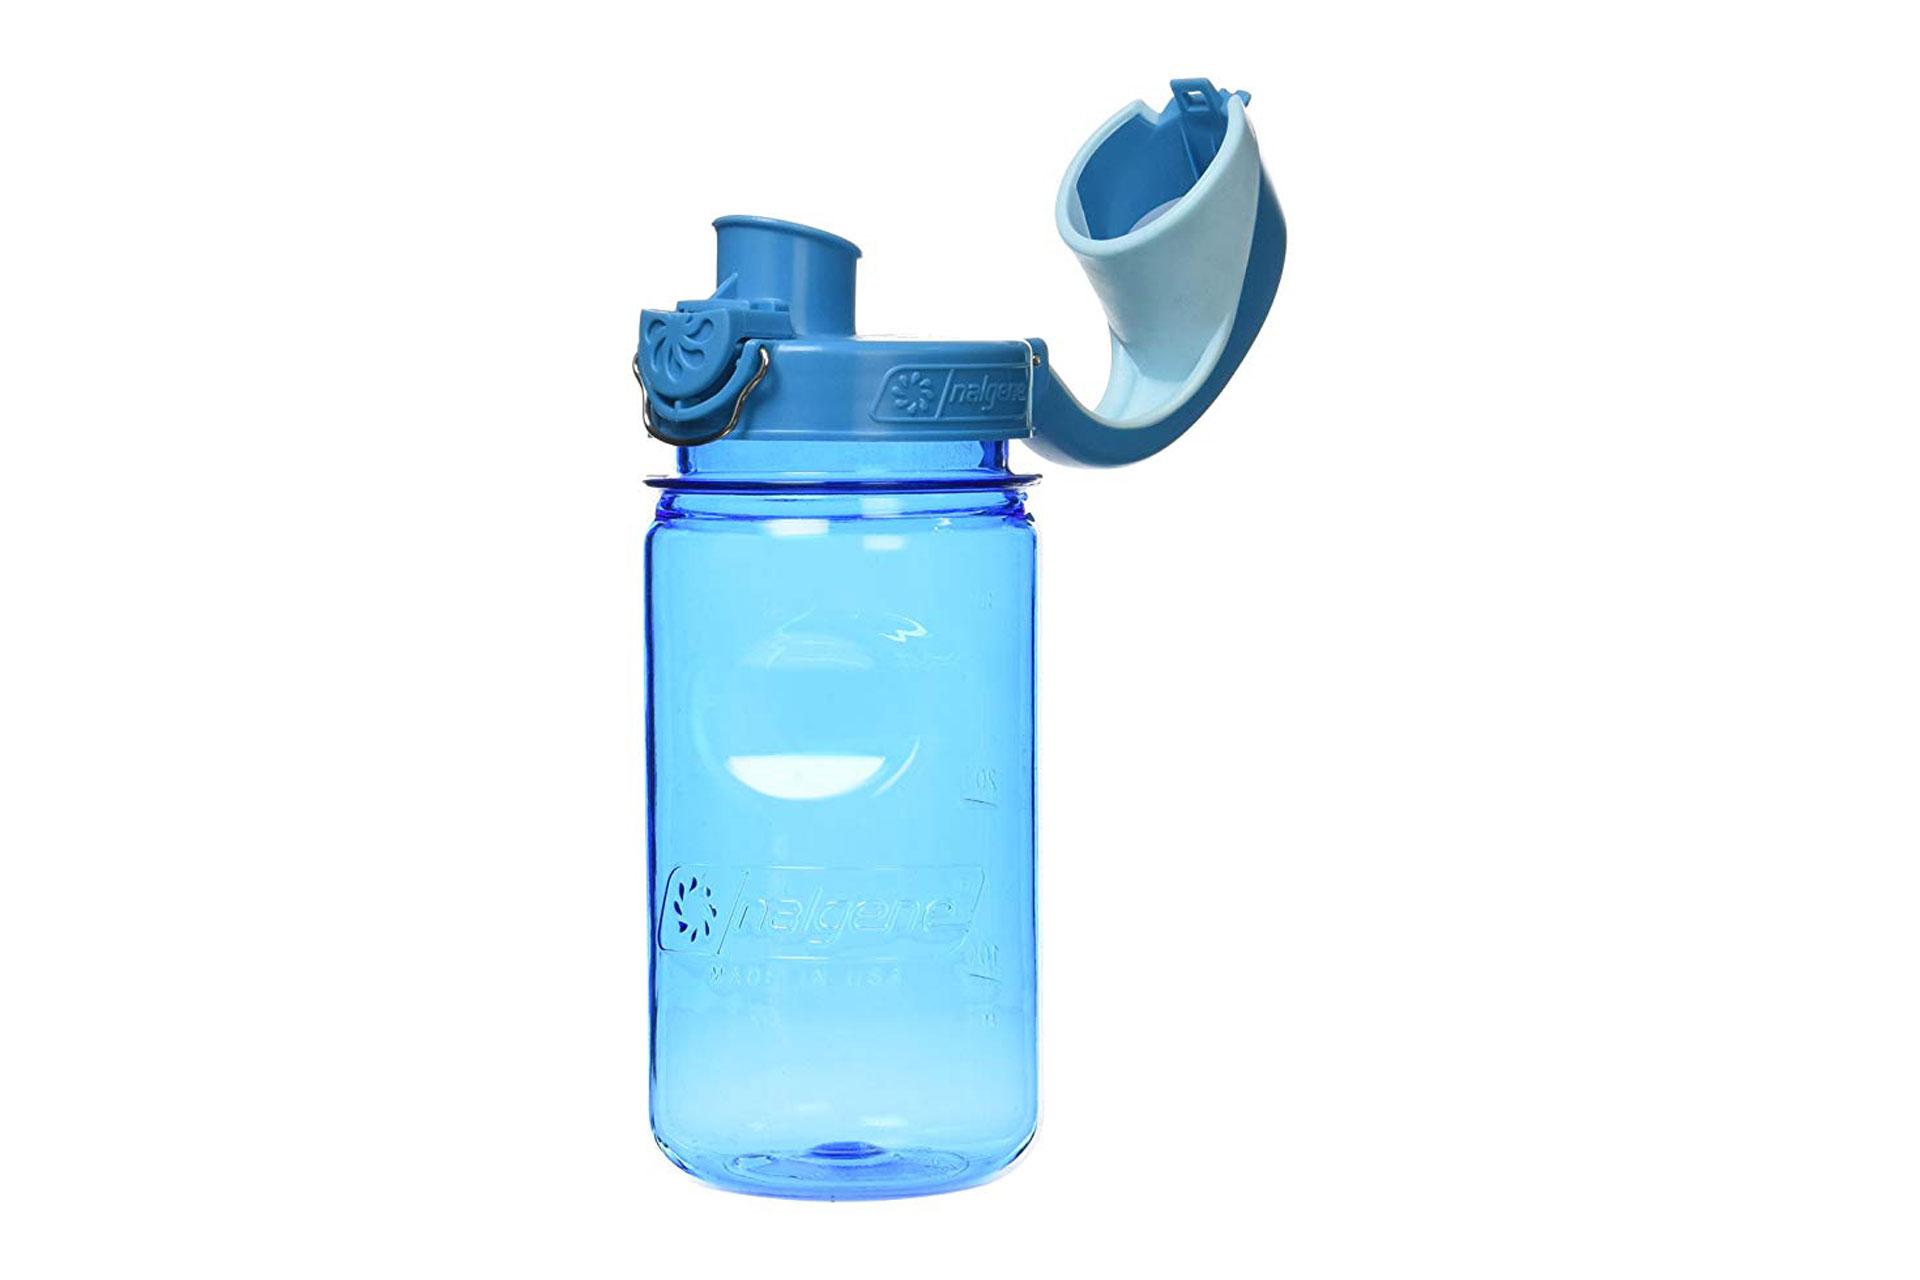 Nalgene Water Bottle; Courtesy of Amazon